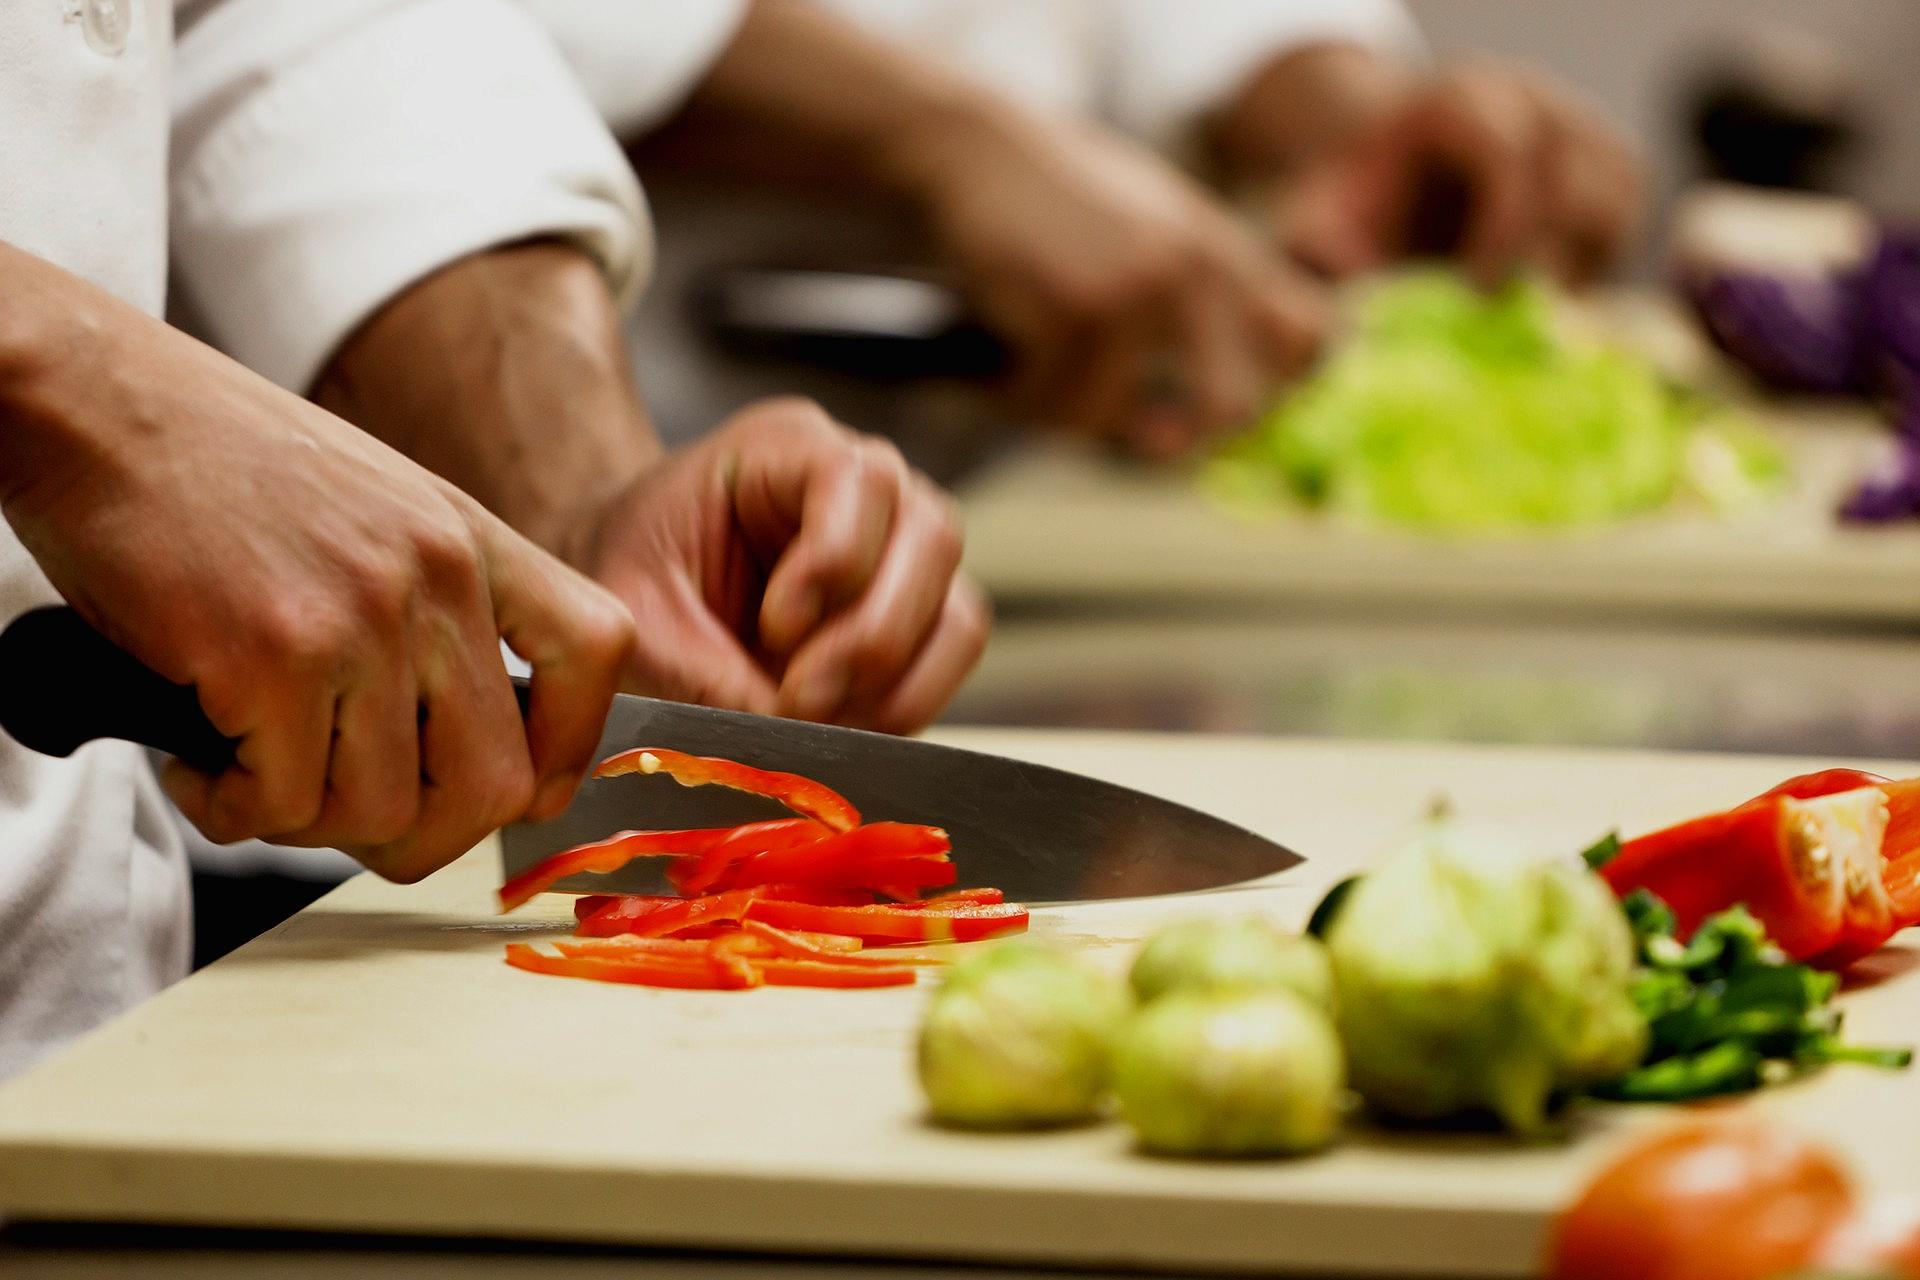 chef-cutting-food_4caz